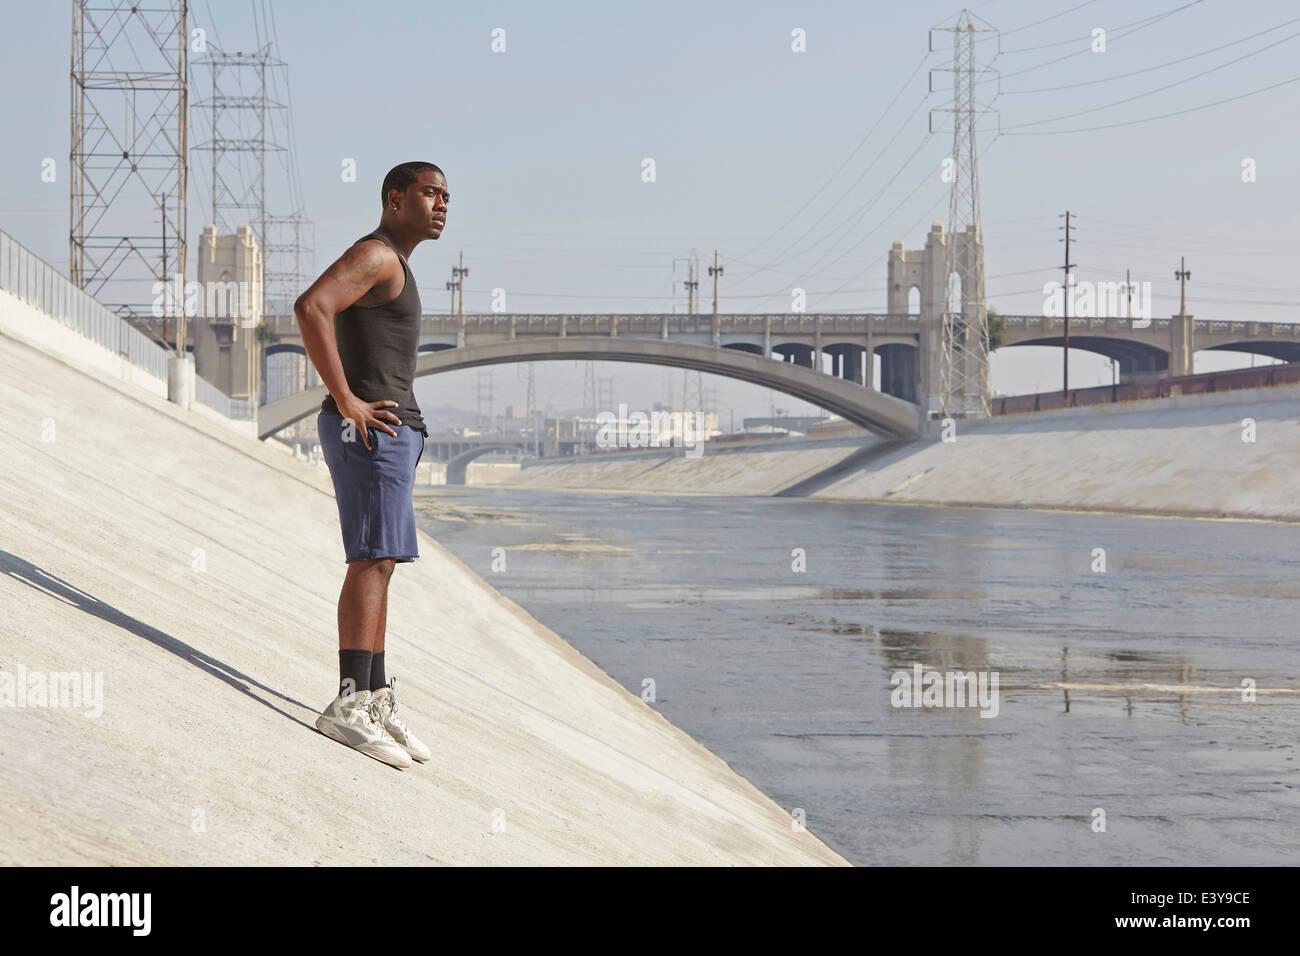 Macho joven corredor tomando un descanso en la ribera de la ciudad Imagen De Stock